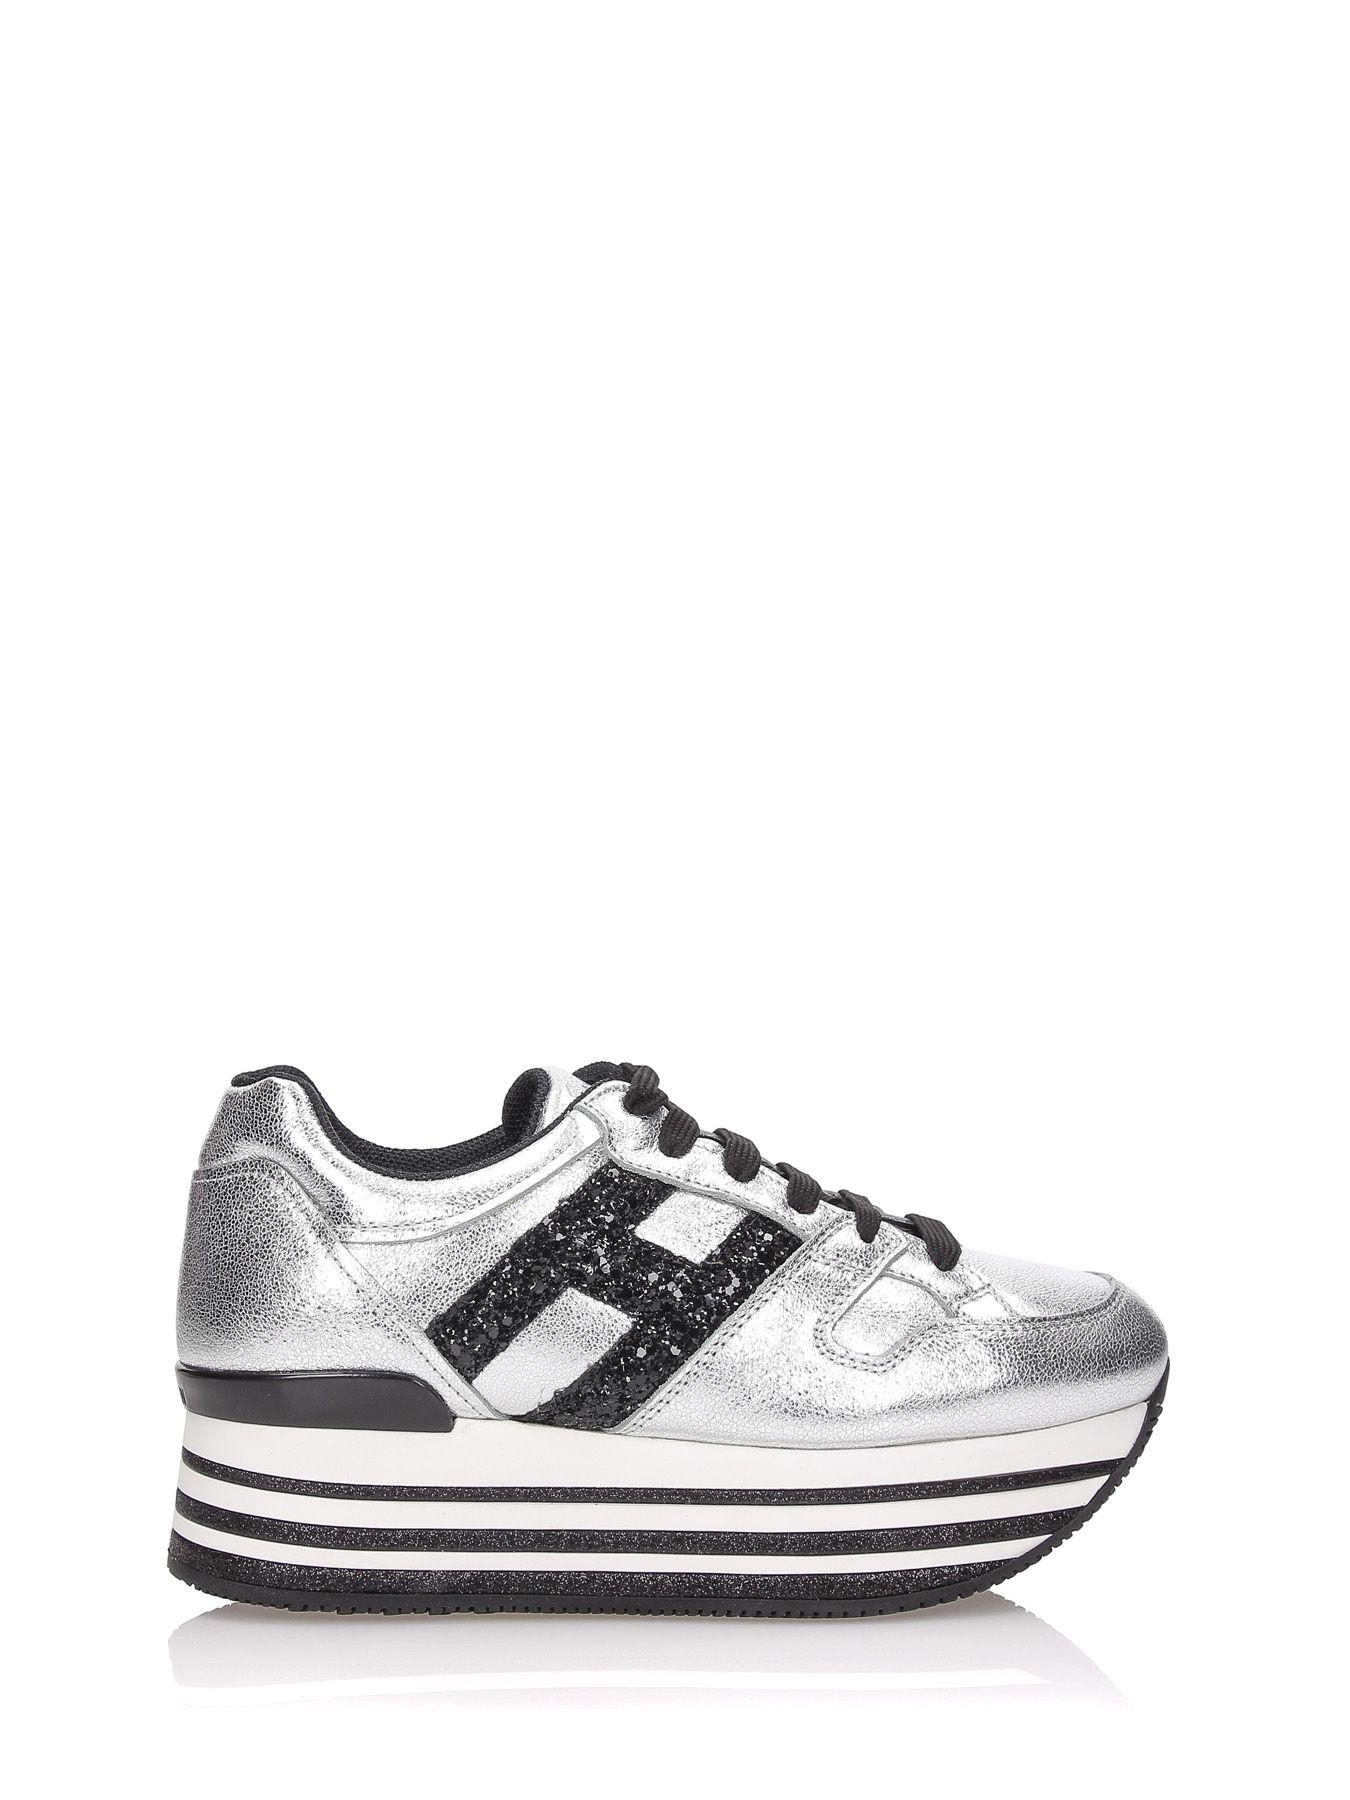 Hogan H368 Maxi Platform Sneakers